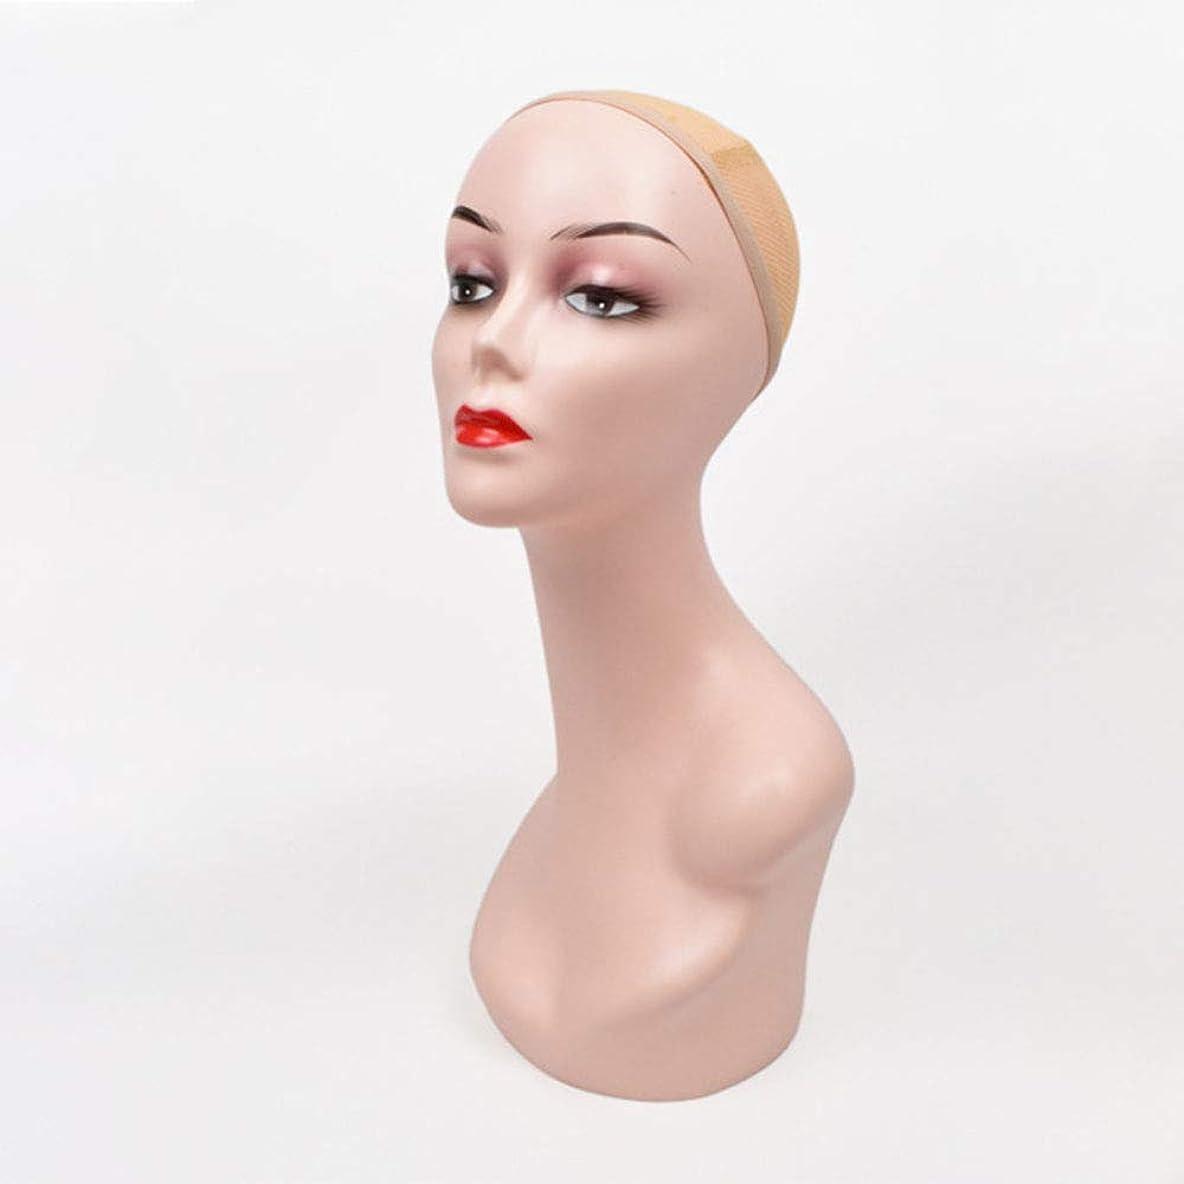 リファイン式生きているウィッグモデルヘッド左肩型ディスプレイウィッグハットダミーヘッドモデル支柱ブラケット